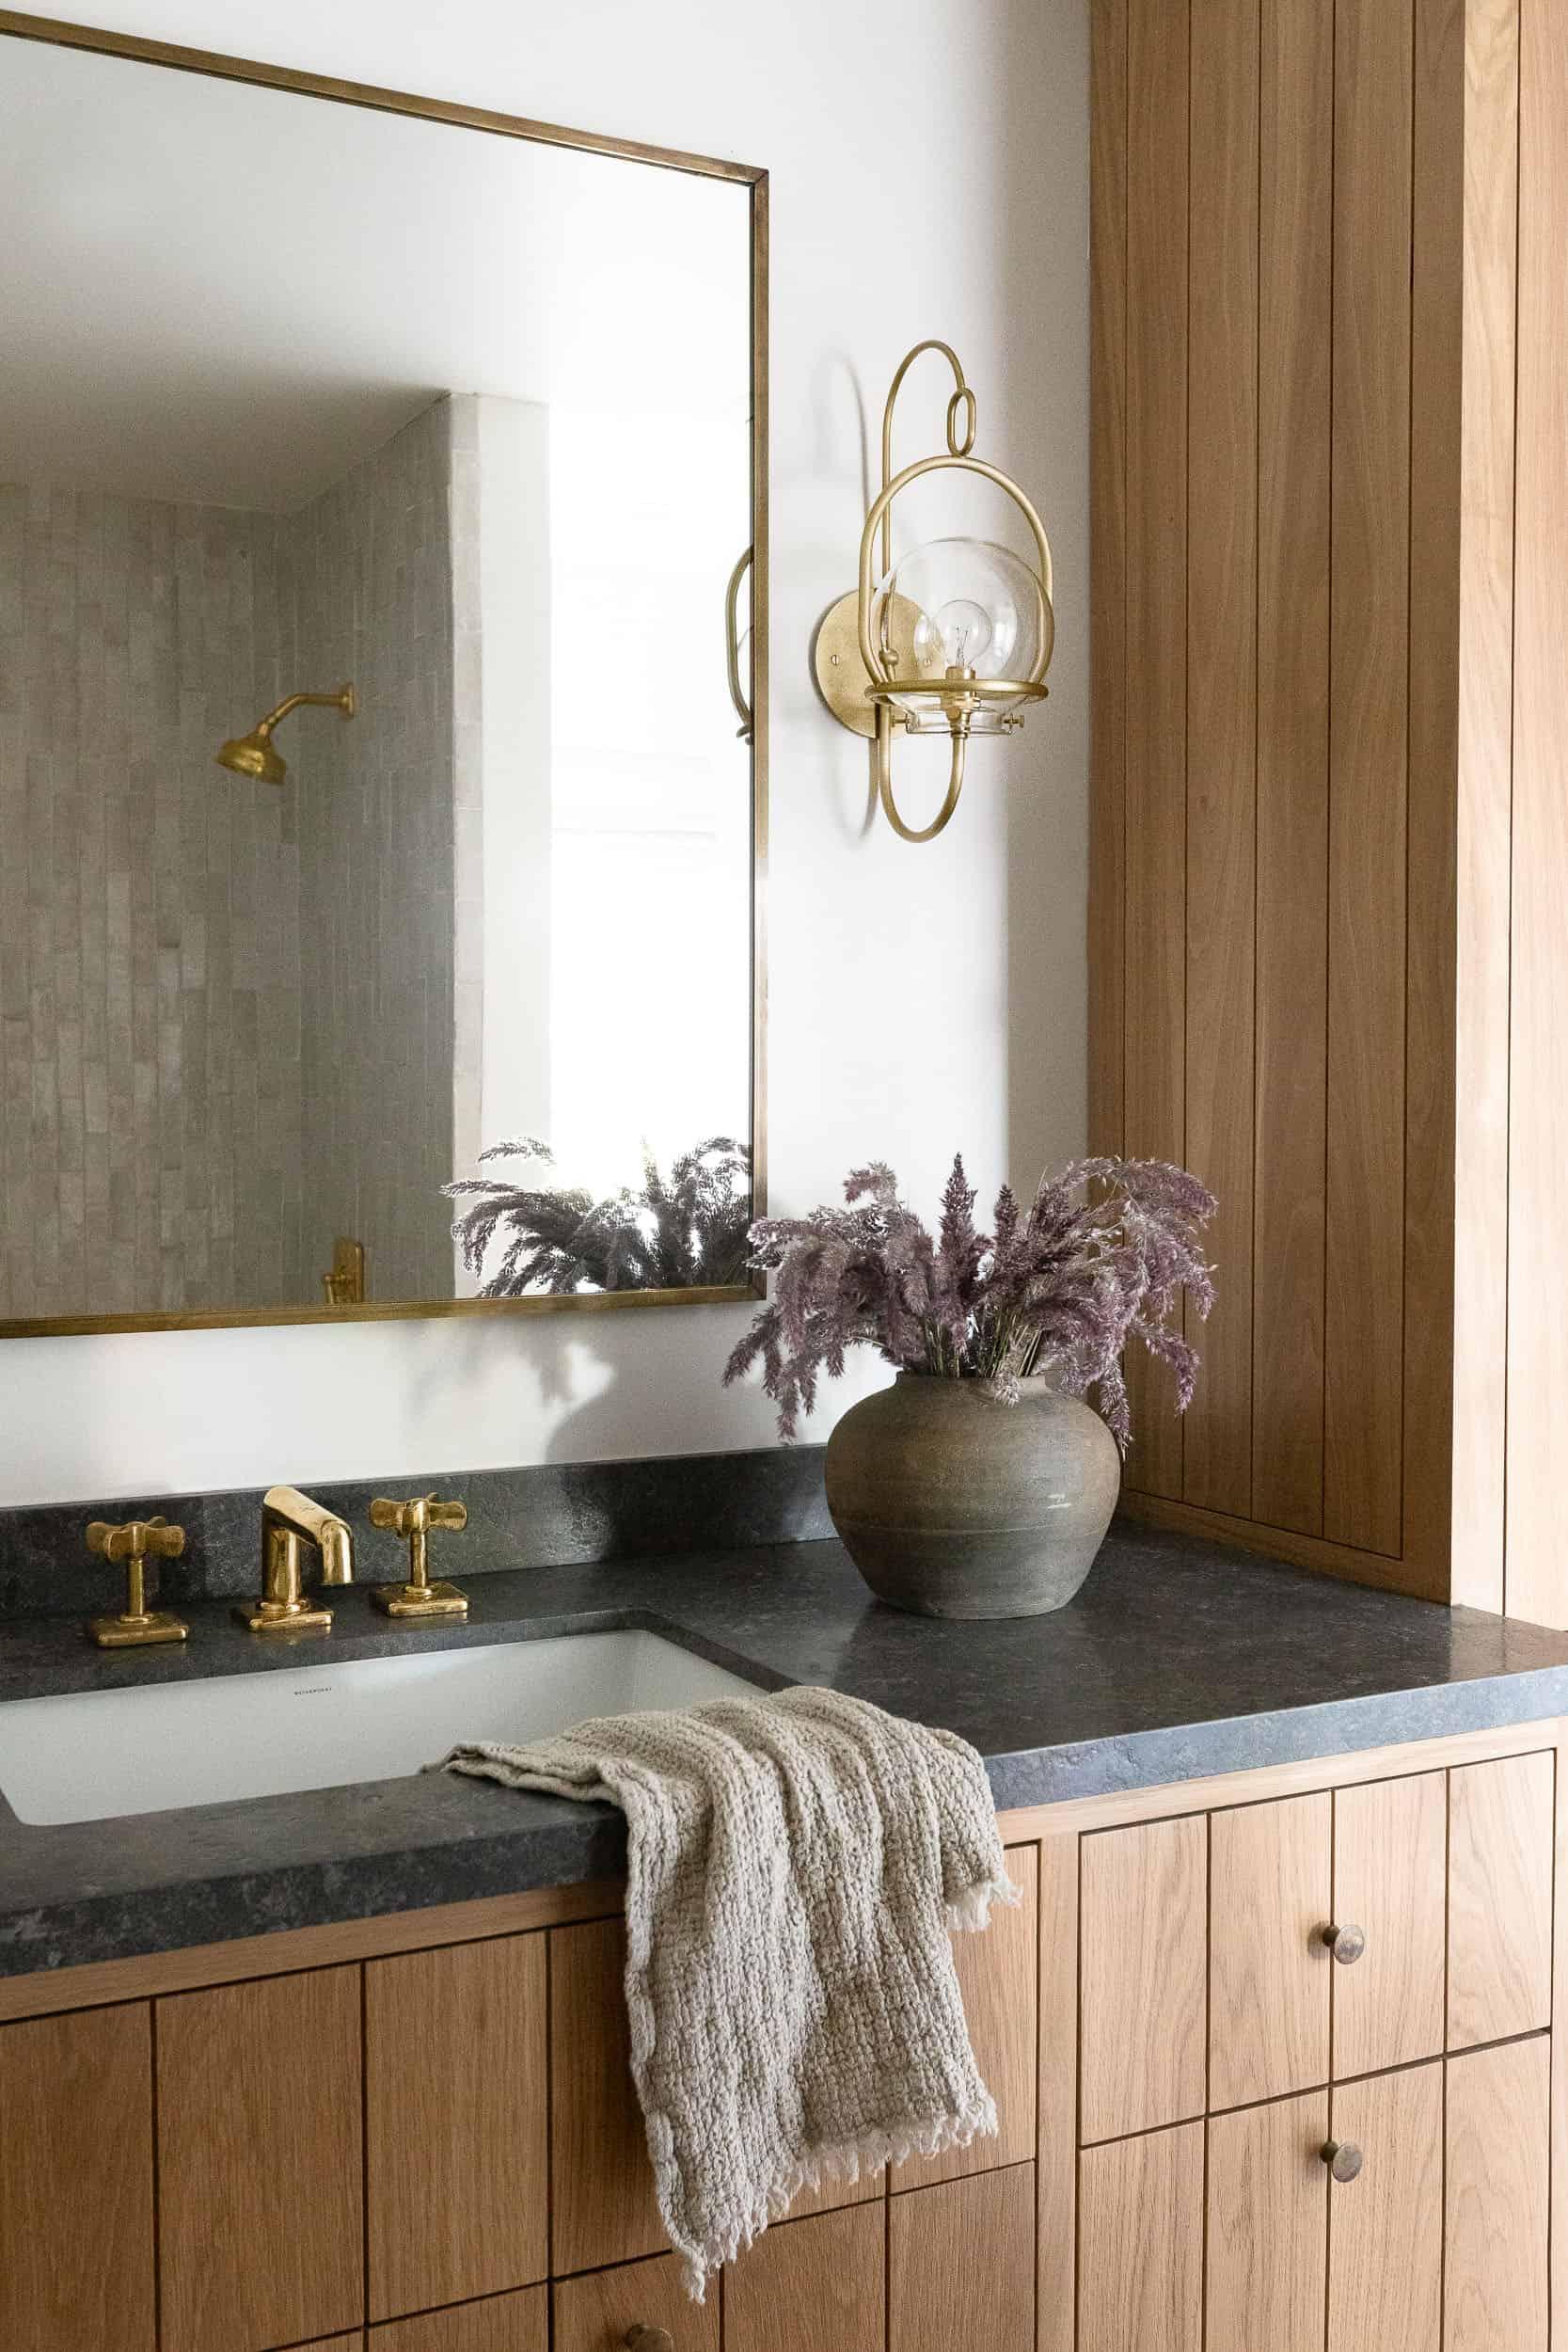 kuća-ured-kupaonica u stilu zapadne obale